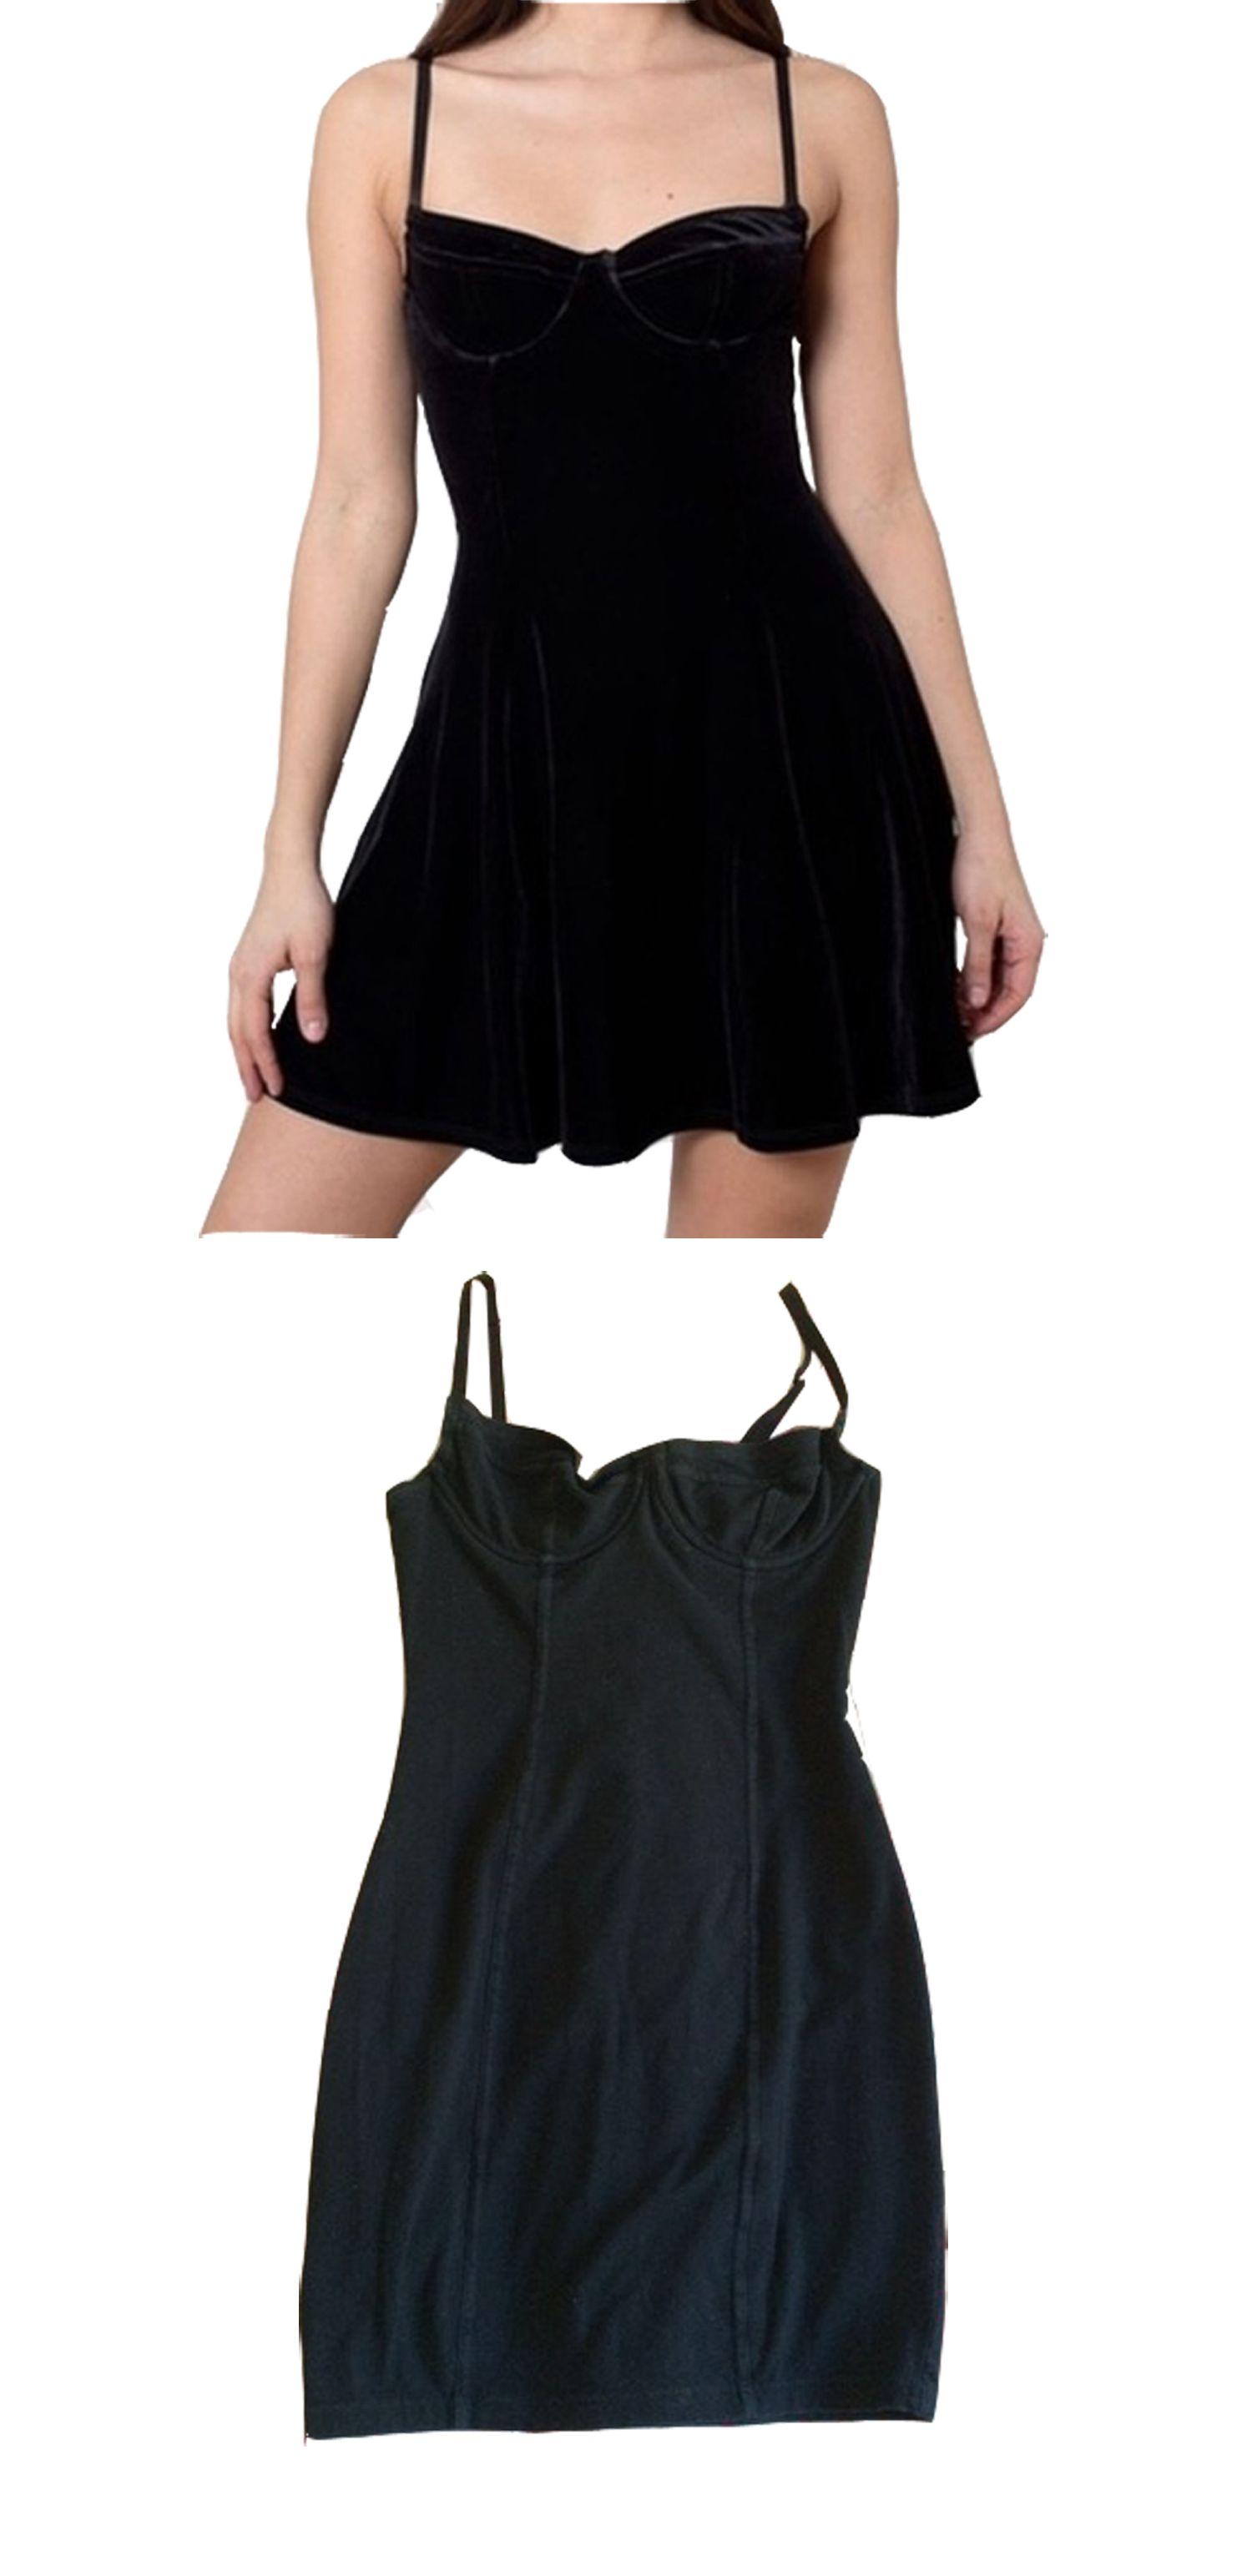 6b5804320d3 A-Line Straps Short Black Velvet Homecoming Dress